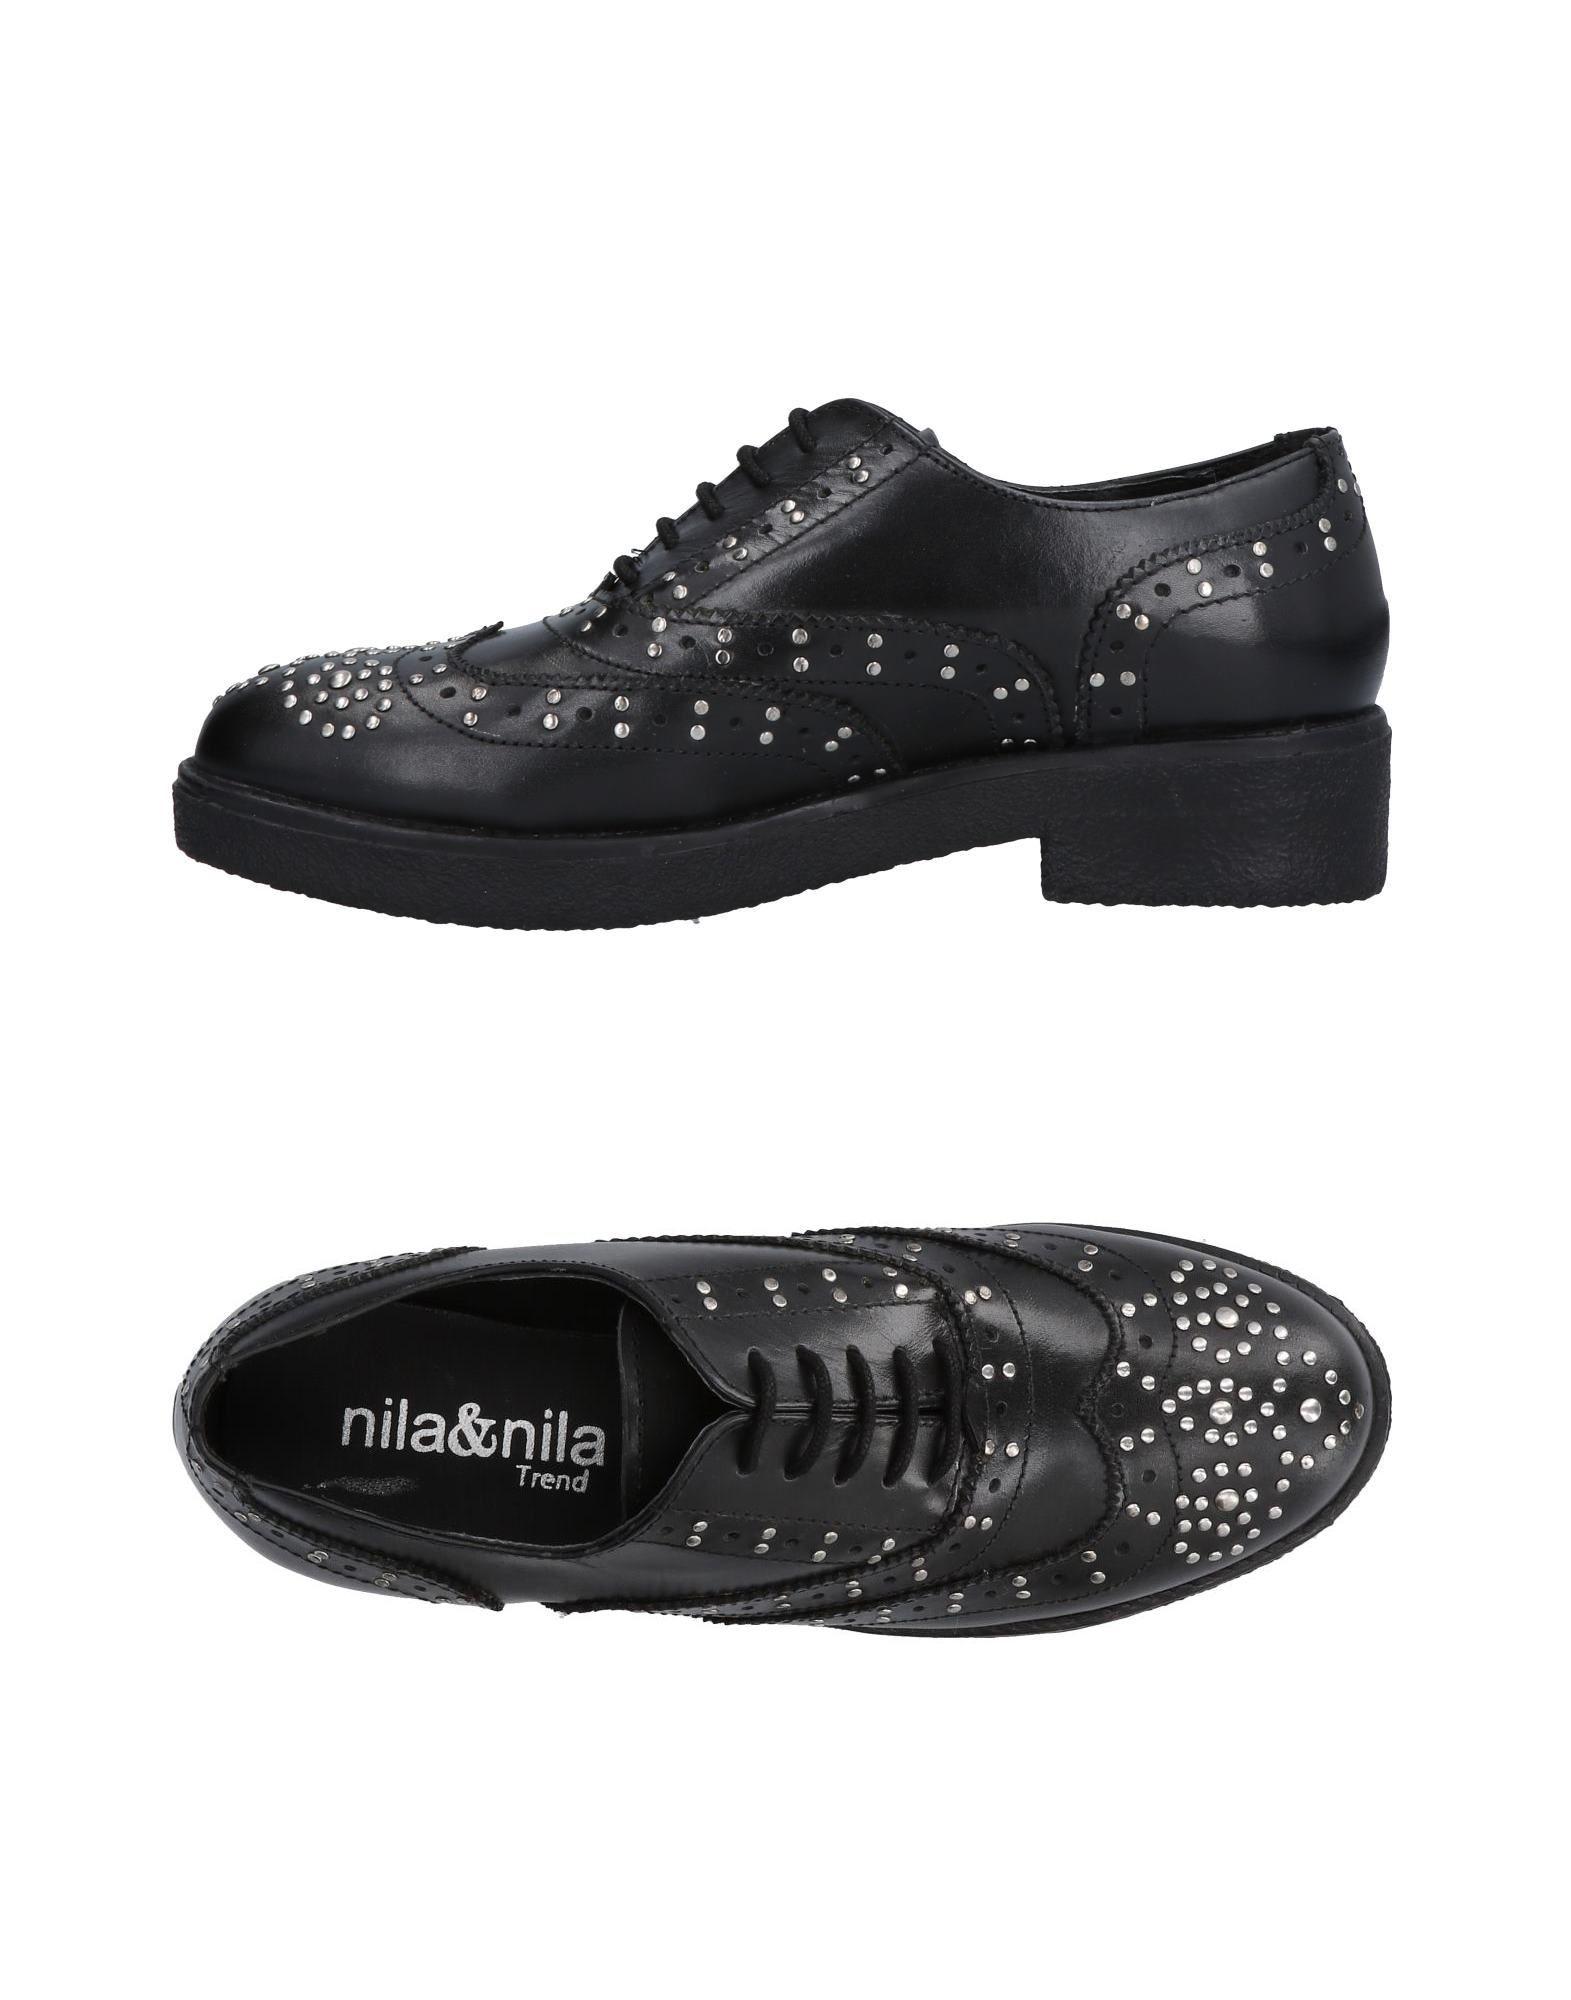 Chaussures À Lacets Nila & Nila Femme - Chaussures À Lacets Nila & Nila   - 11474229KC